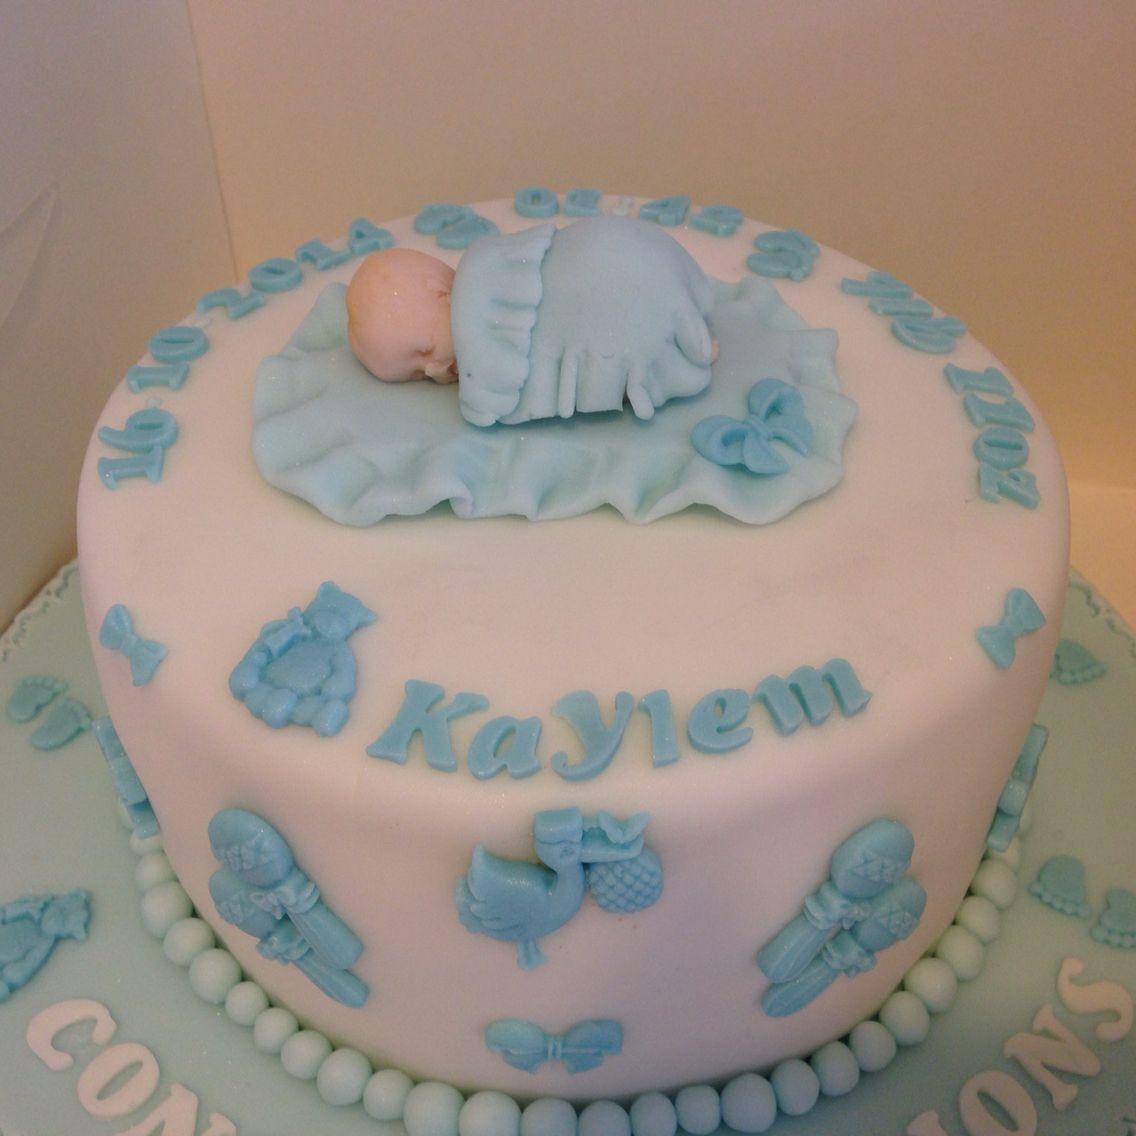 New baby cake how to make cake baby cake cake